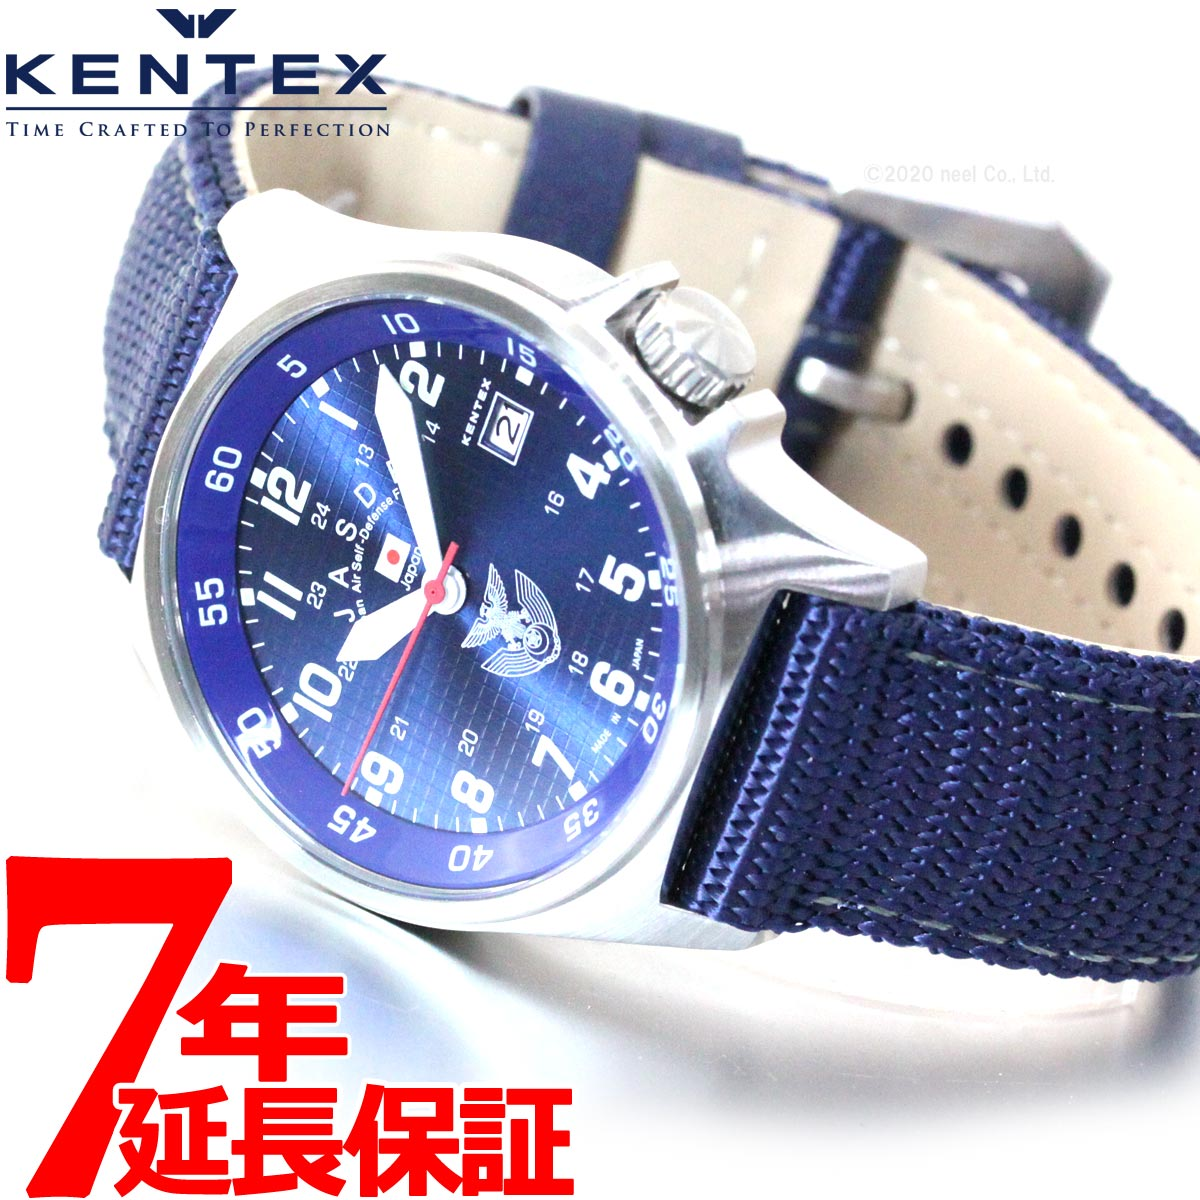 KENTEX ケンテックス 腕時計 メンズ JSDF スタンダード 自衛隊モデル 航空自衛隊 ナイロンバンド S455M-02